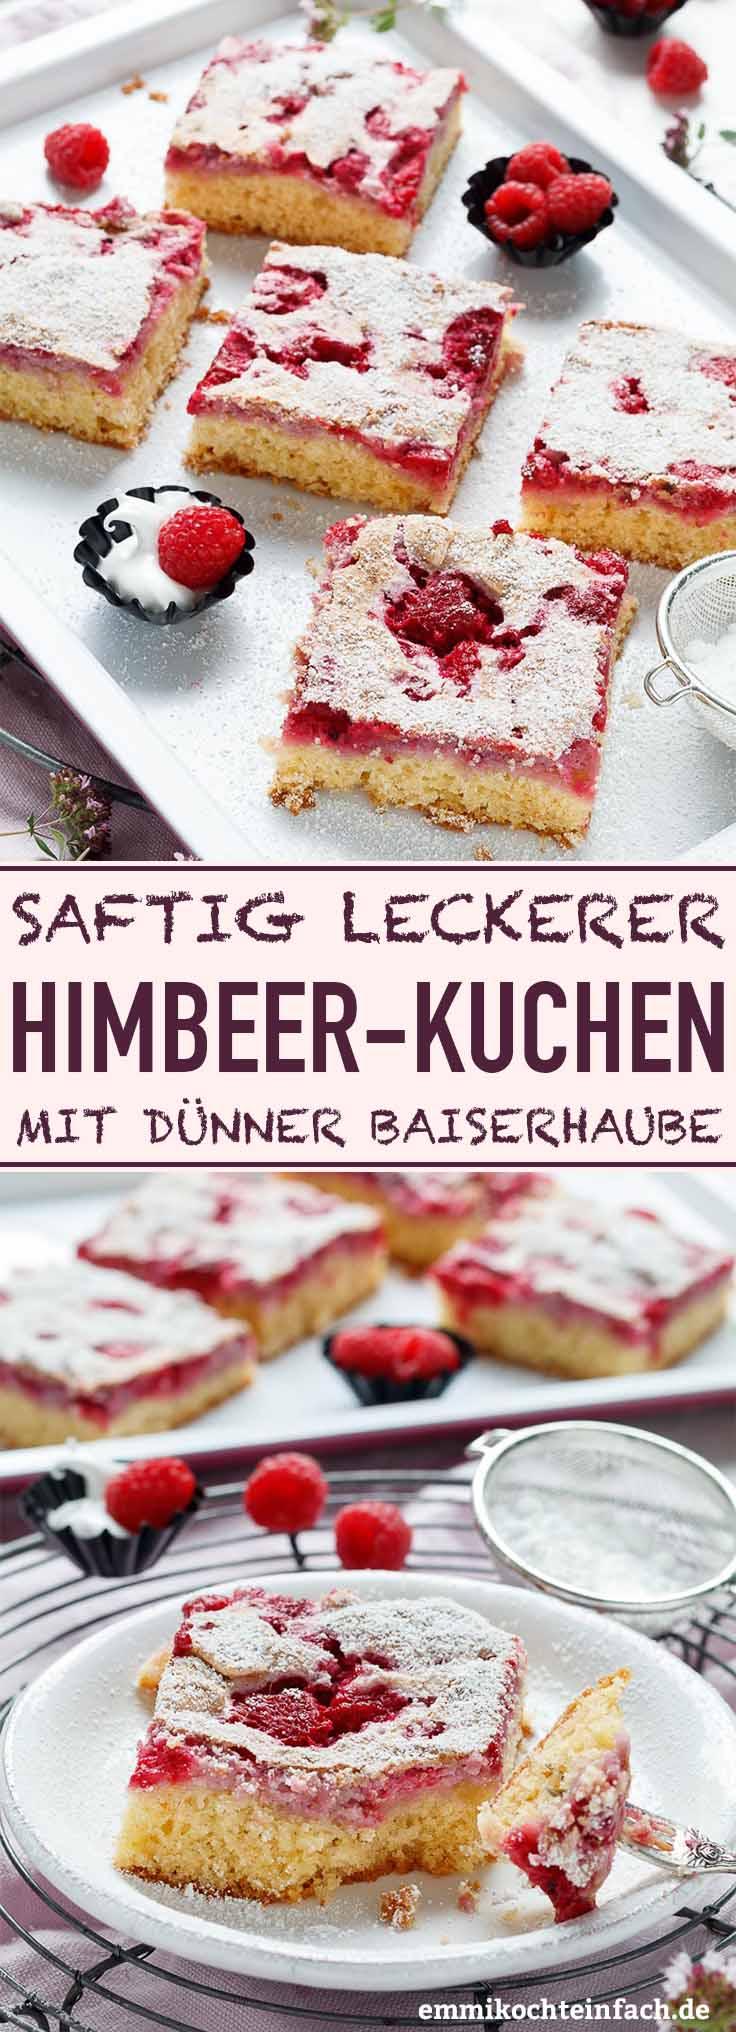 Saftiger Himbeerkuchen mit hauchdünner Baiserhaube - www.emmikochteinfach.de